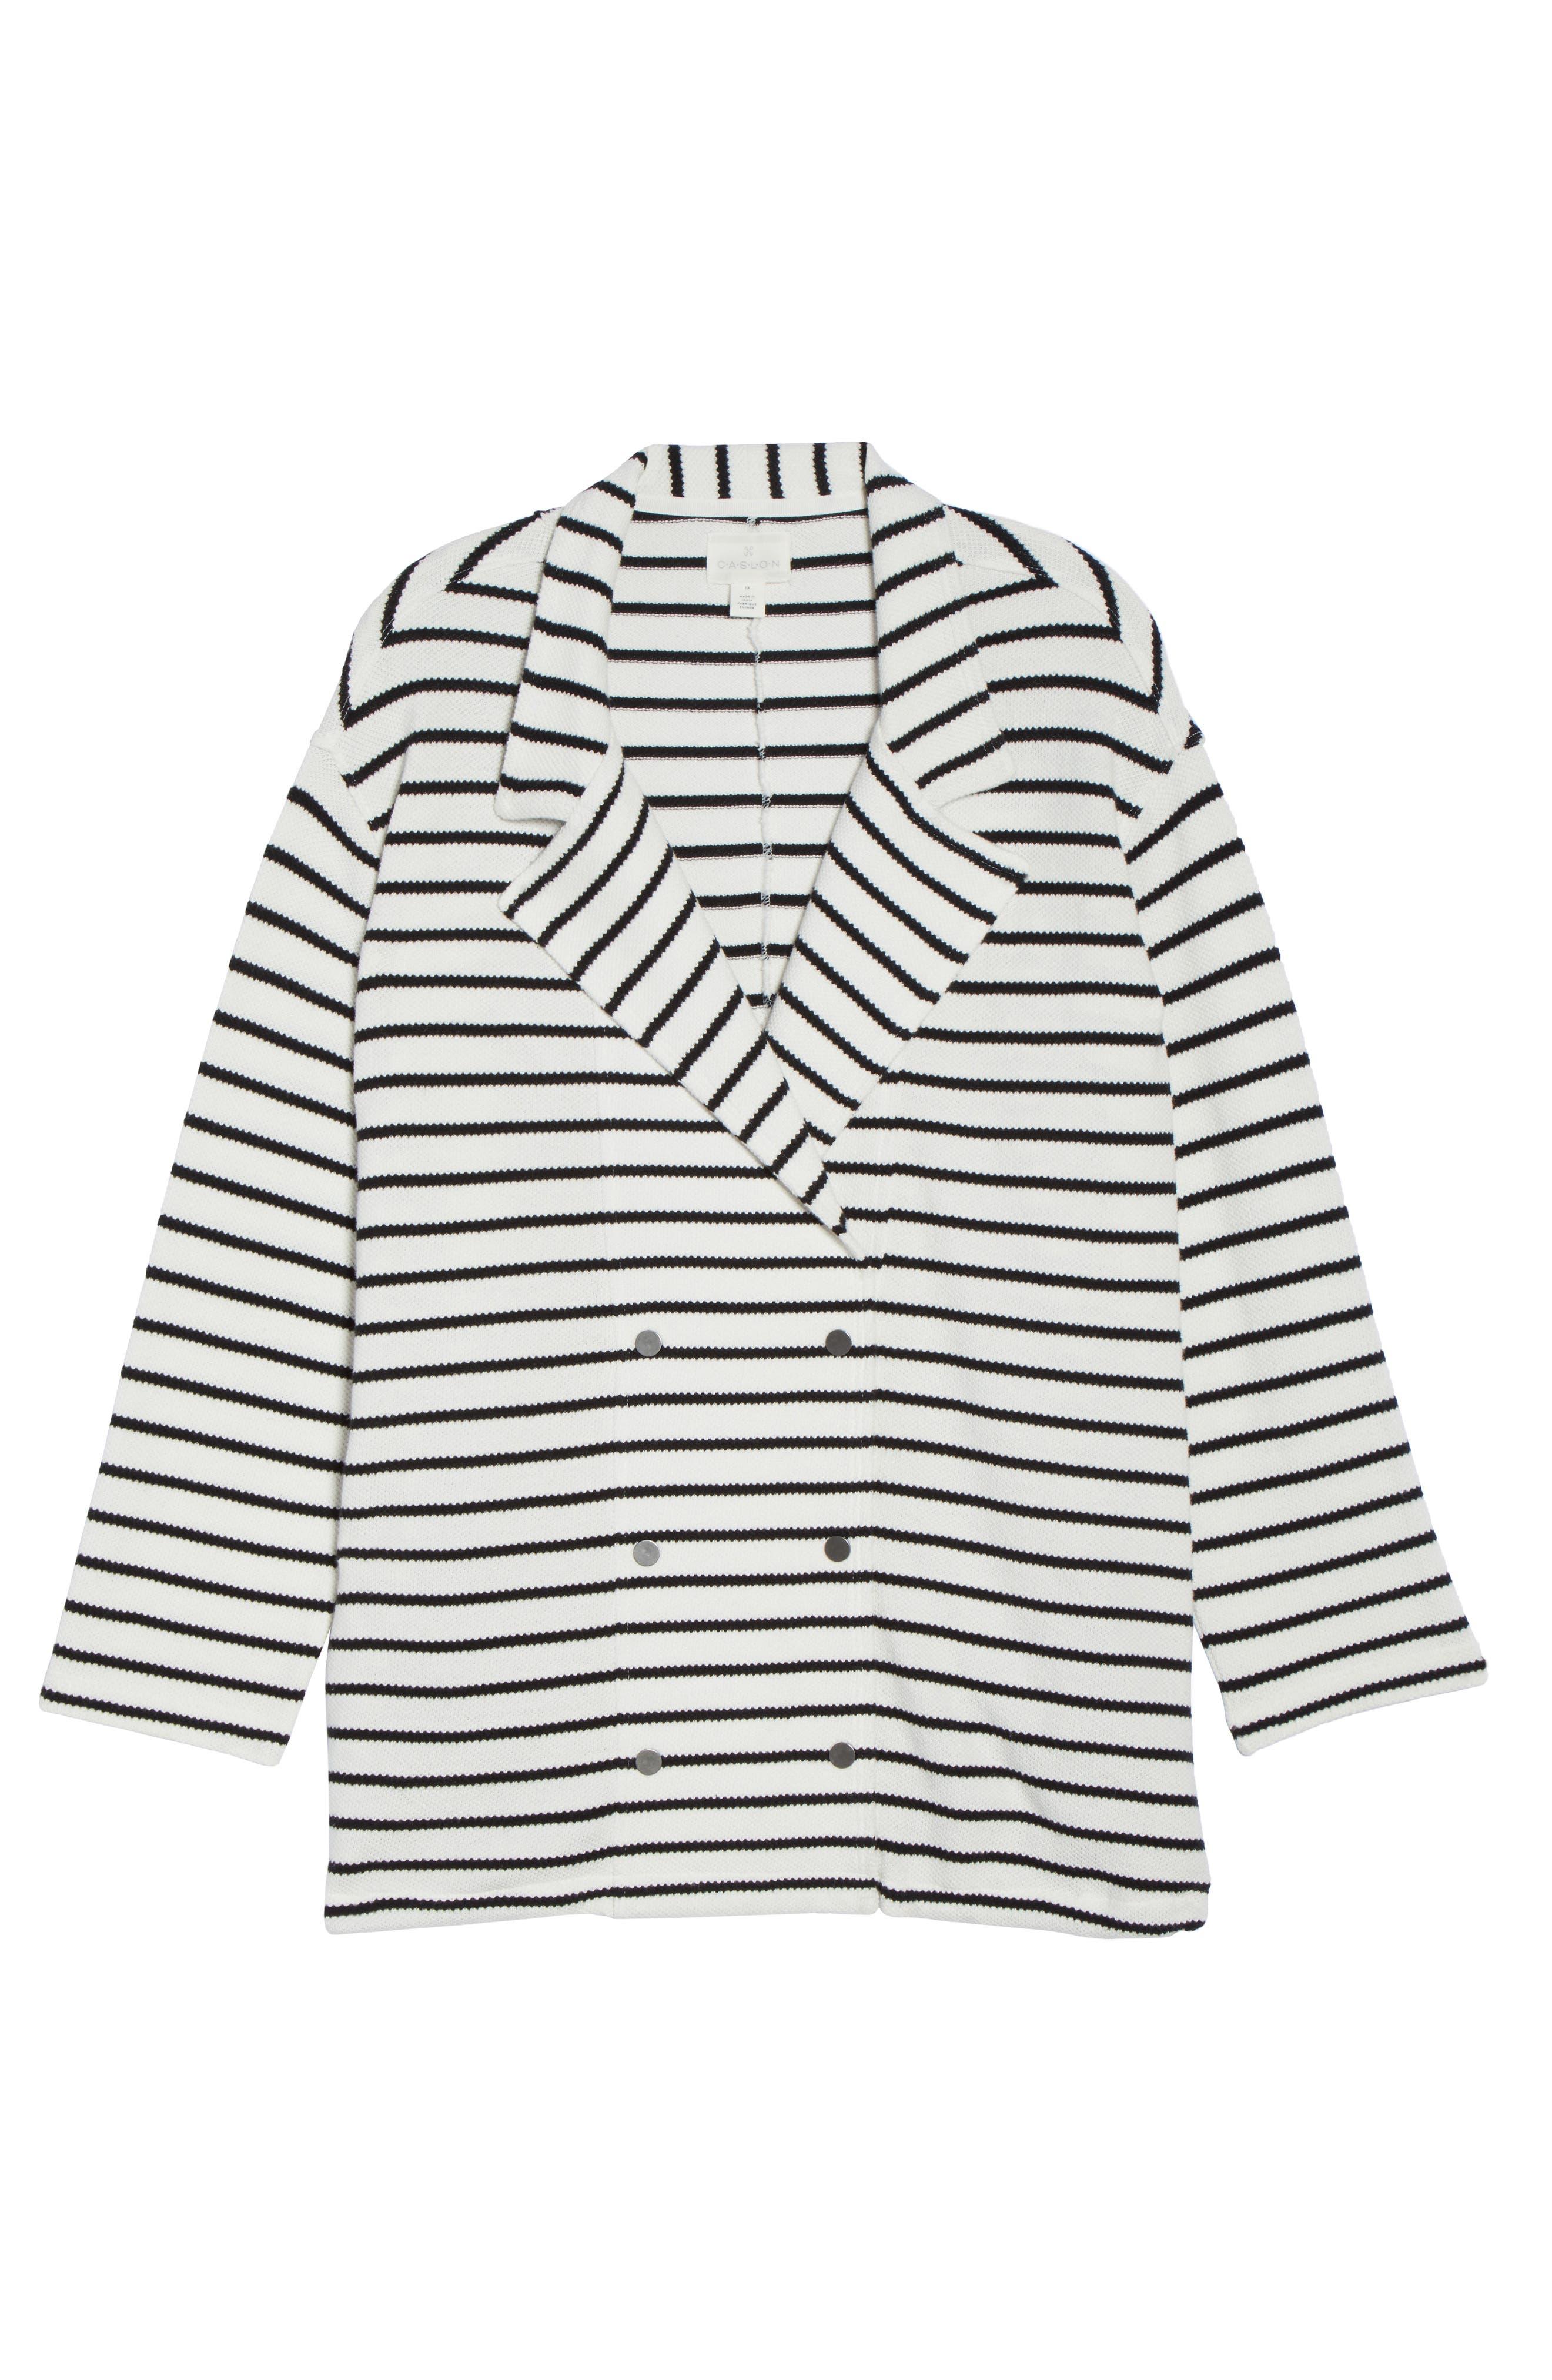 Stripe Peacoat Knit Jacket,                             Alternate thumbnail 7, color,                             Ivory- Black Stripe